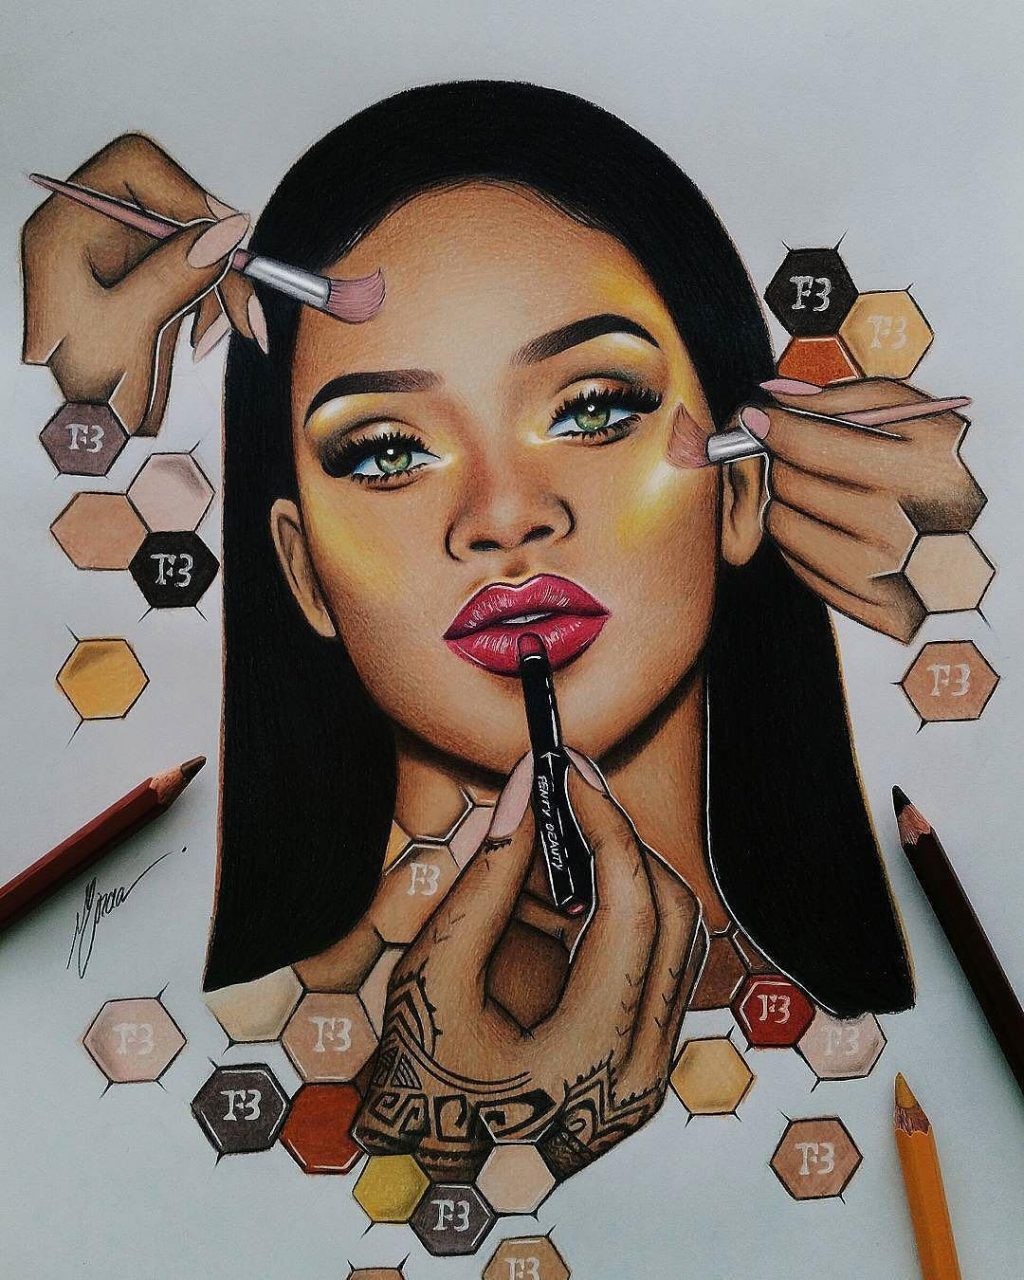 Rihanna ra mắt Galaxy Collection khiến cộng đồng làm đẹp chao đảo trong mùa Halloween